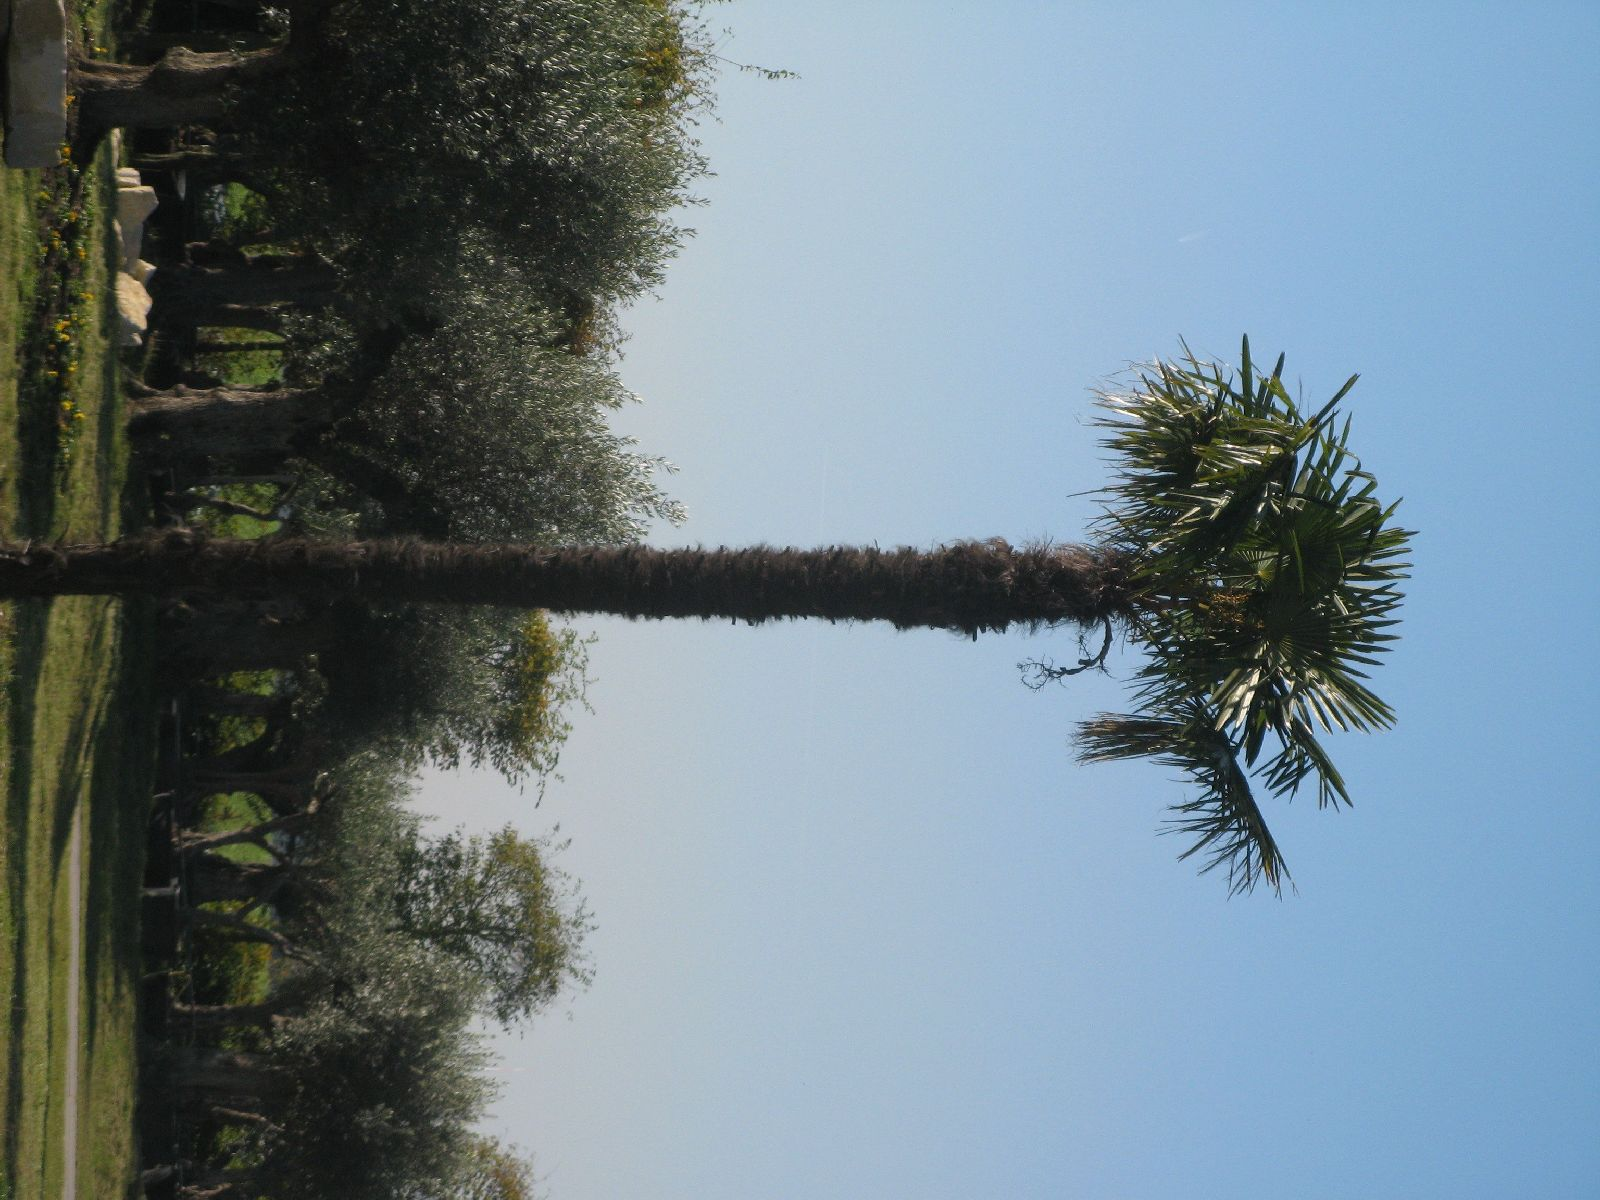 Pflanzen-Baum-Foto_Textur_B_3736